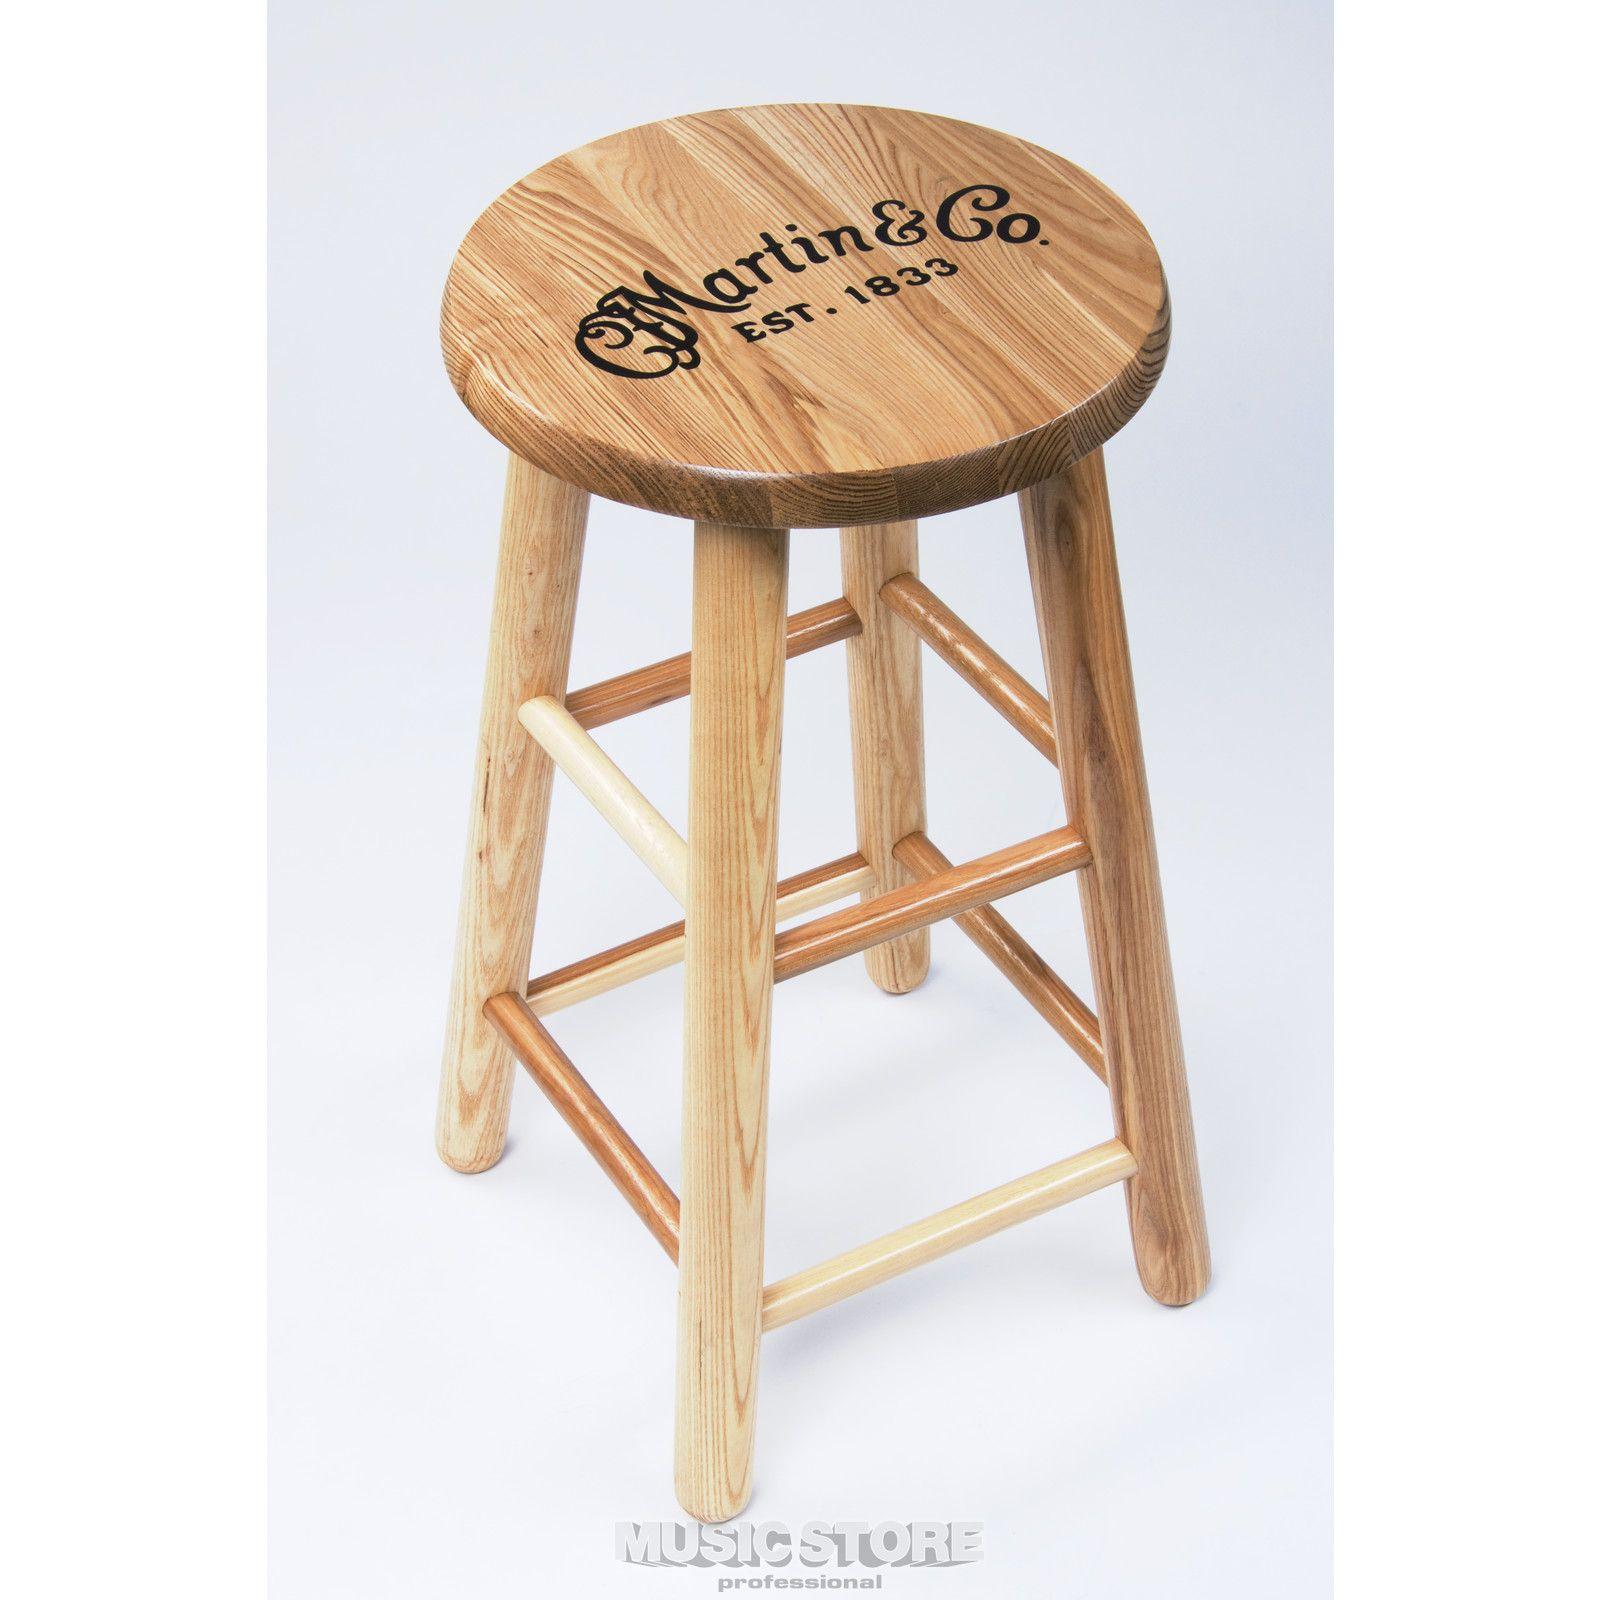 martin guitars barhocker 24 holz ca 62cm hoch haushalt wohnen sitzgelegenheiten. Black Bedroom Furniture Sets. Home Design Ideas